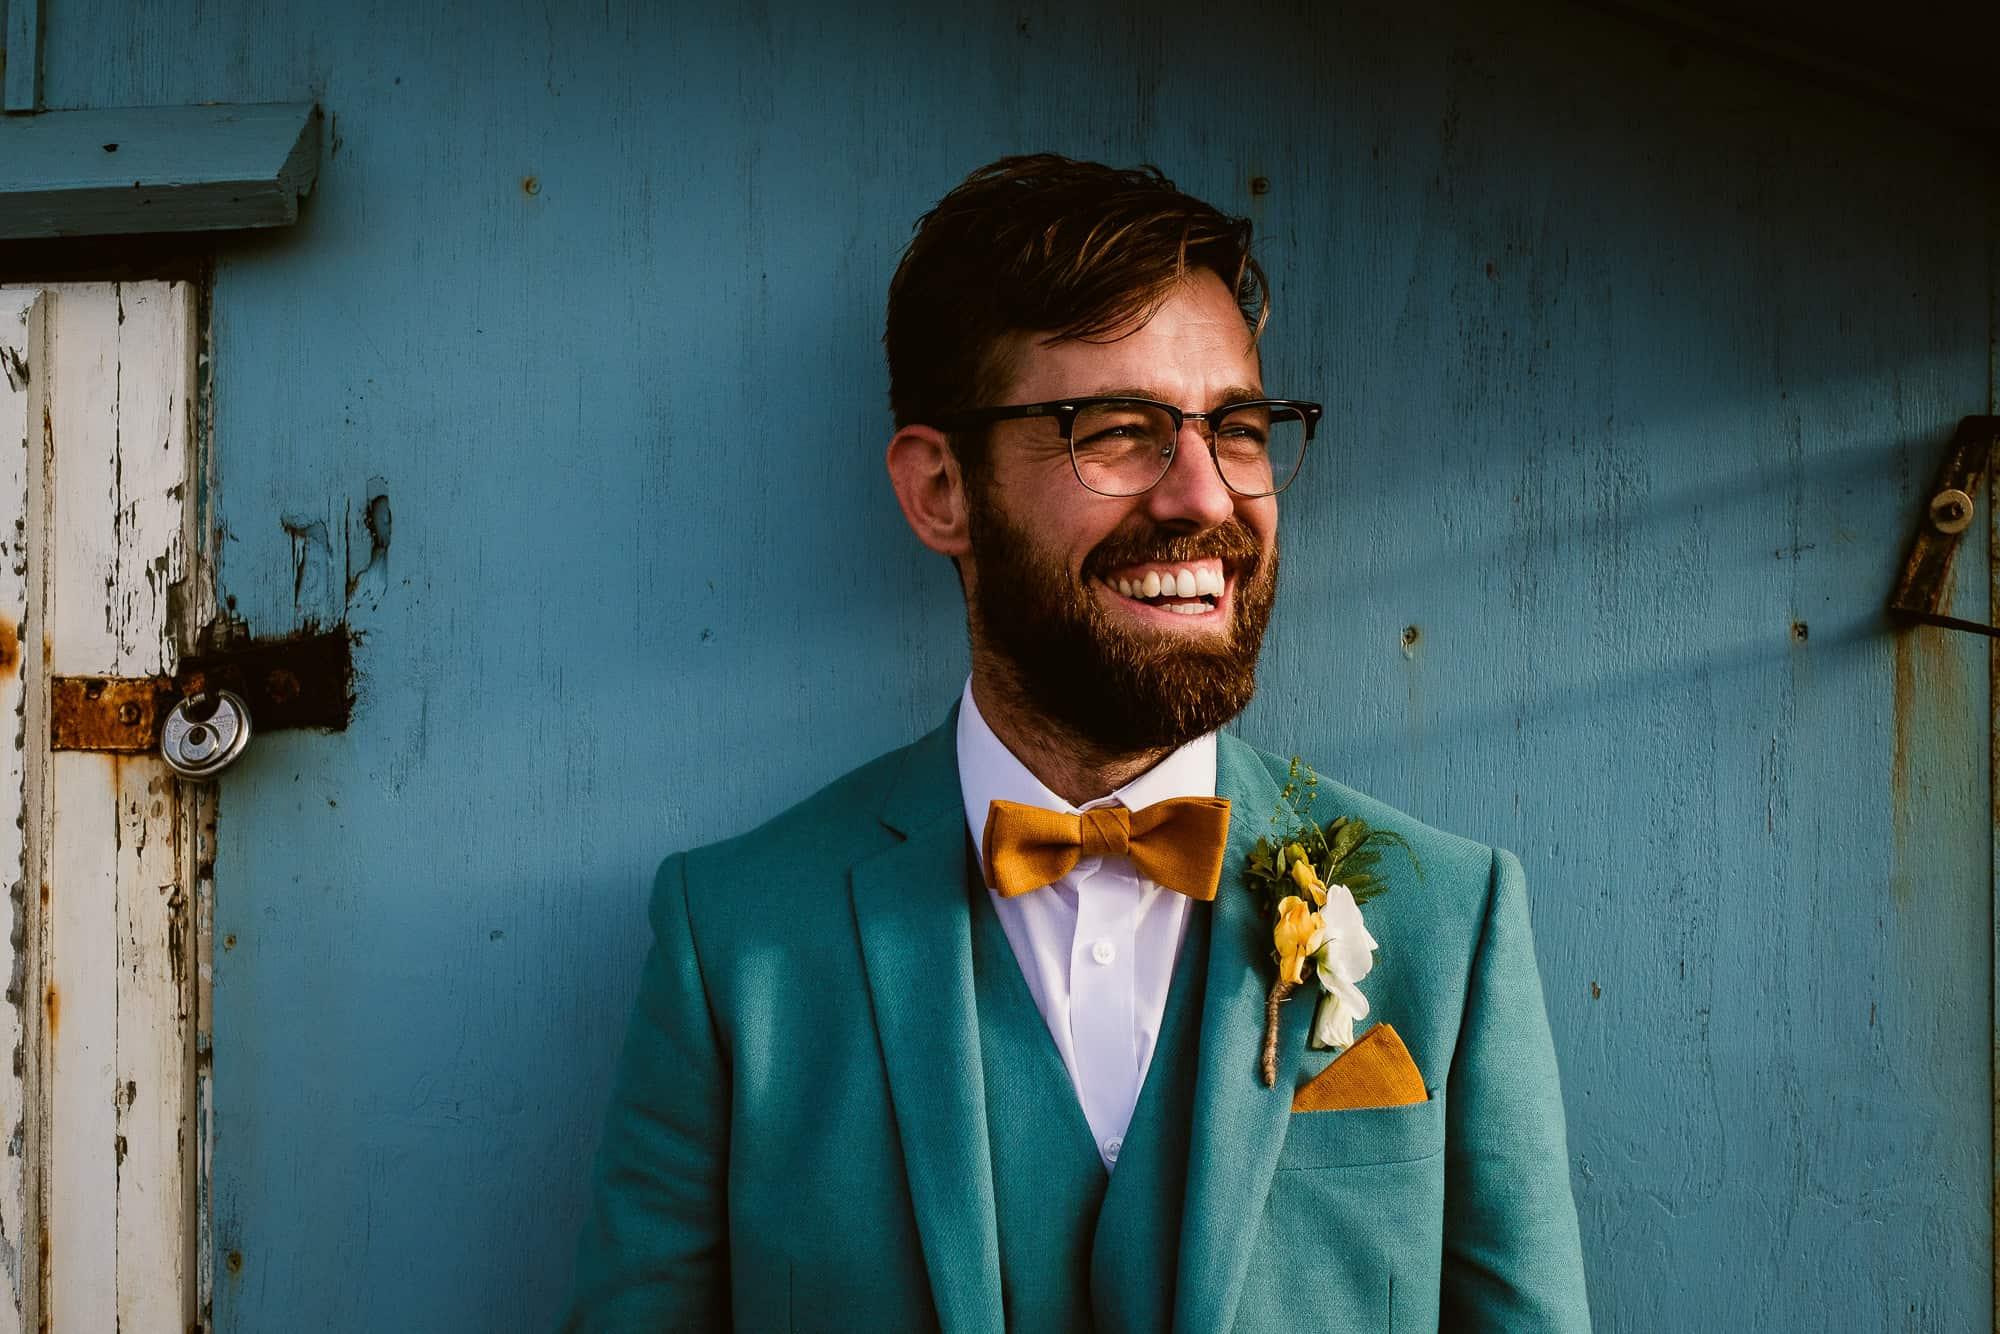 east-quay-wedding-photography-matt-tyler-0067